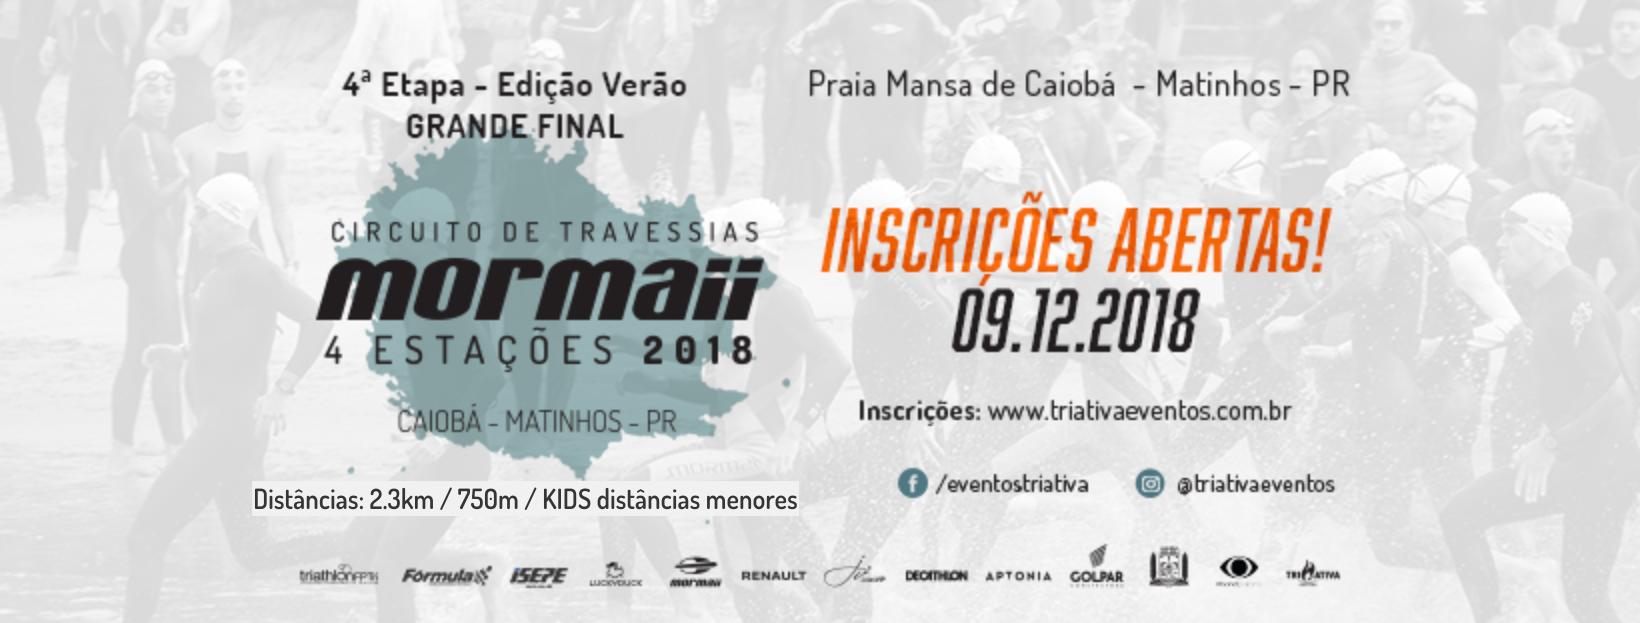 CIRCUITO DE TRAVESSIAS MORMAII 2018 - ETAPA VERÃO - Imagem de topo